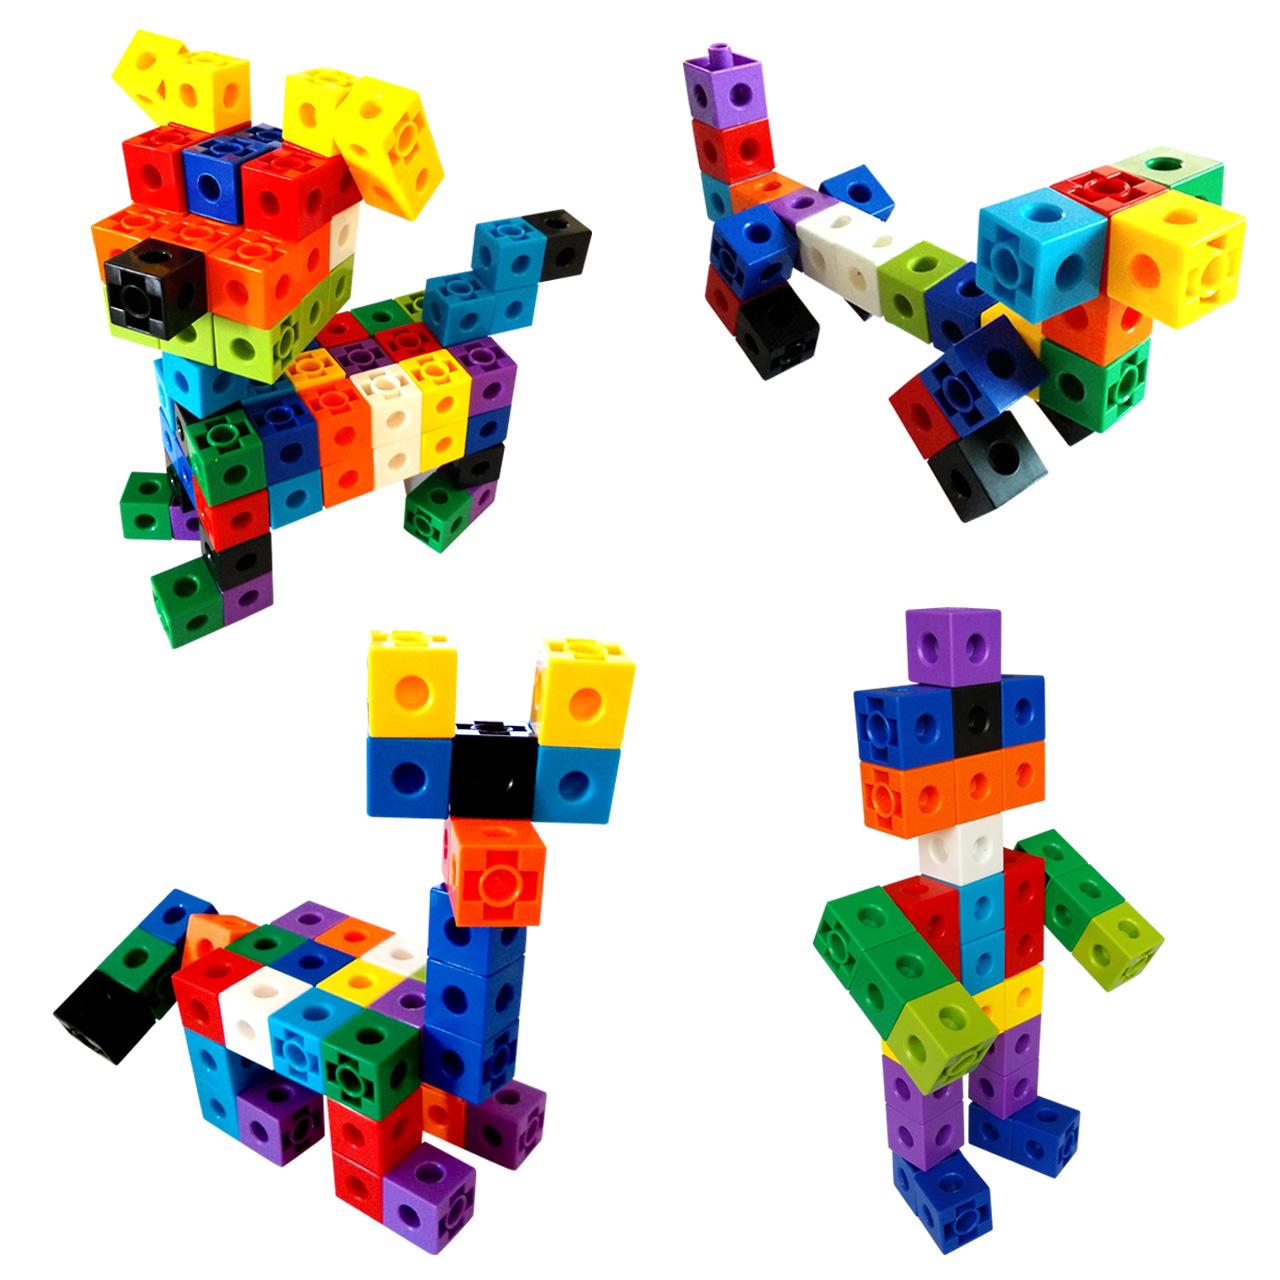 幼儿童积木拼装塑料方块1-3-6周岁4男女孩宝宝益智力拼插桌面玩具